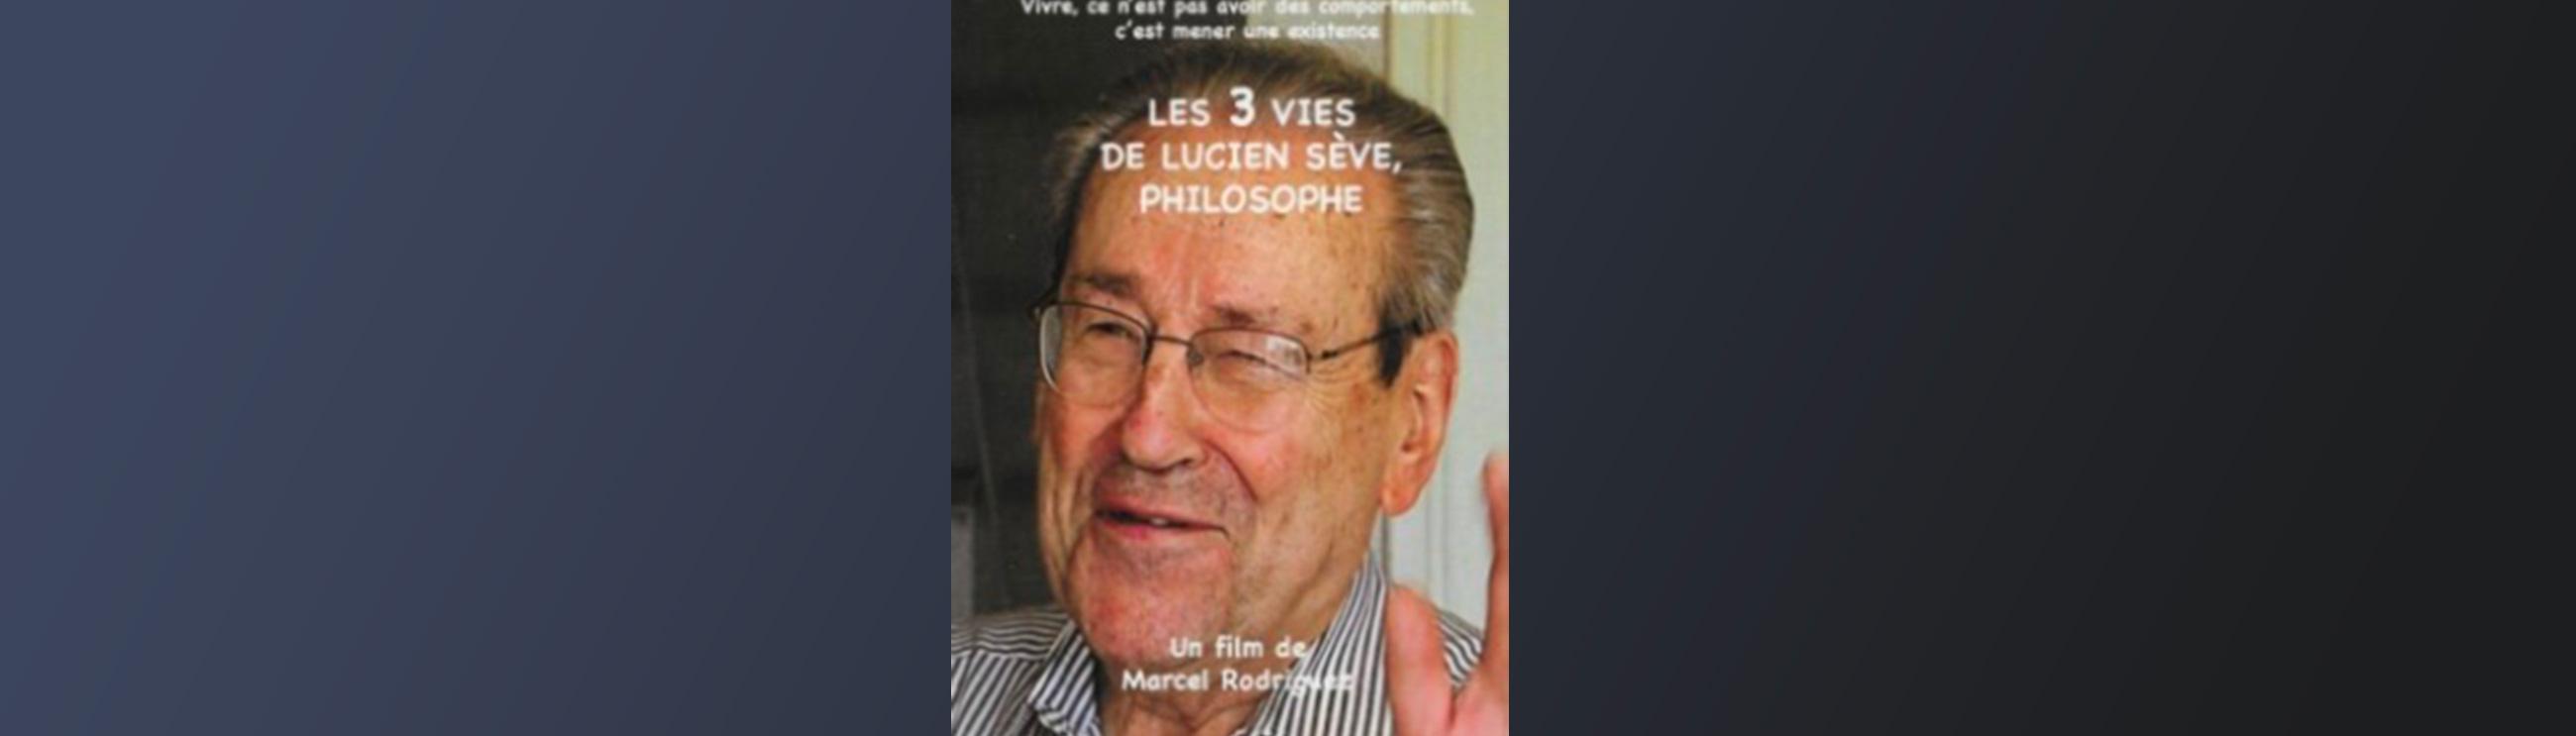 """Projection du film """"Les 3 vies de Lucien Sève, philosophe"""" (5 juin)"""